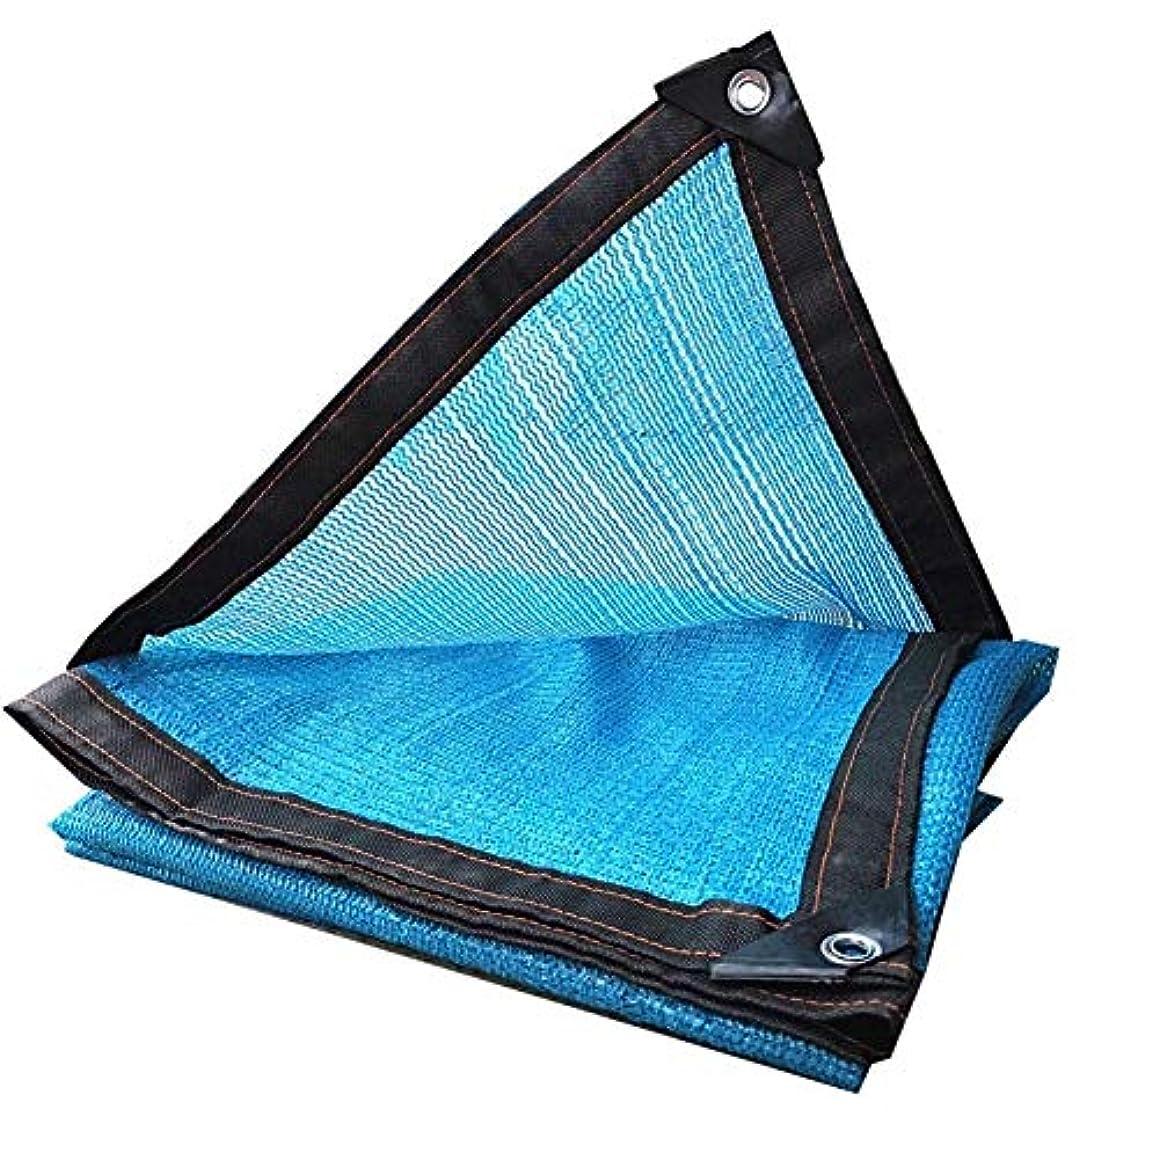 線形一人で現象日よけネット、グロメット付きシェードクロス、断熱冷却防塵通気性ブロックライトポリエチレンガーデニングパーキングシェッド、植物用、花 ZHAOFENGMING (Color : Blue, Size : 2x3m)